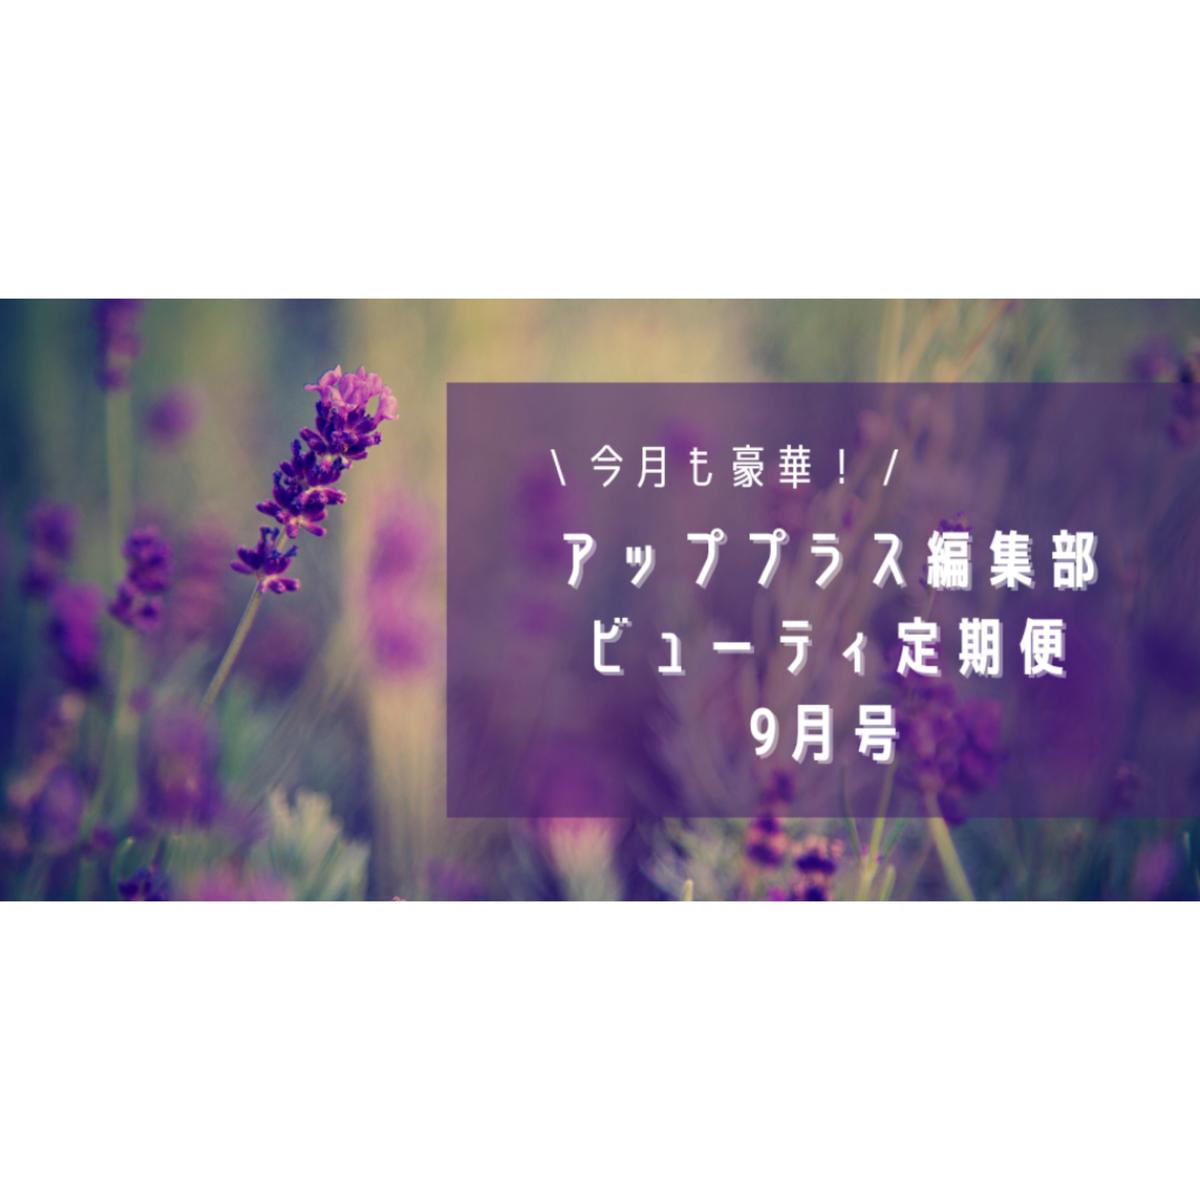 f:id:mana_log:20210812193130j:plain